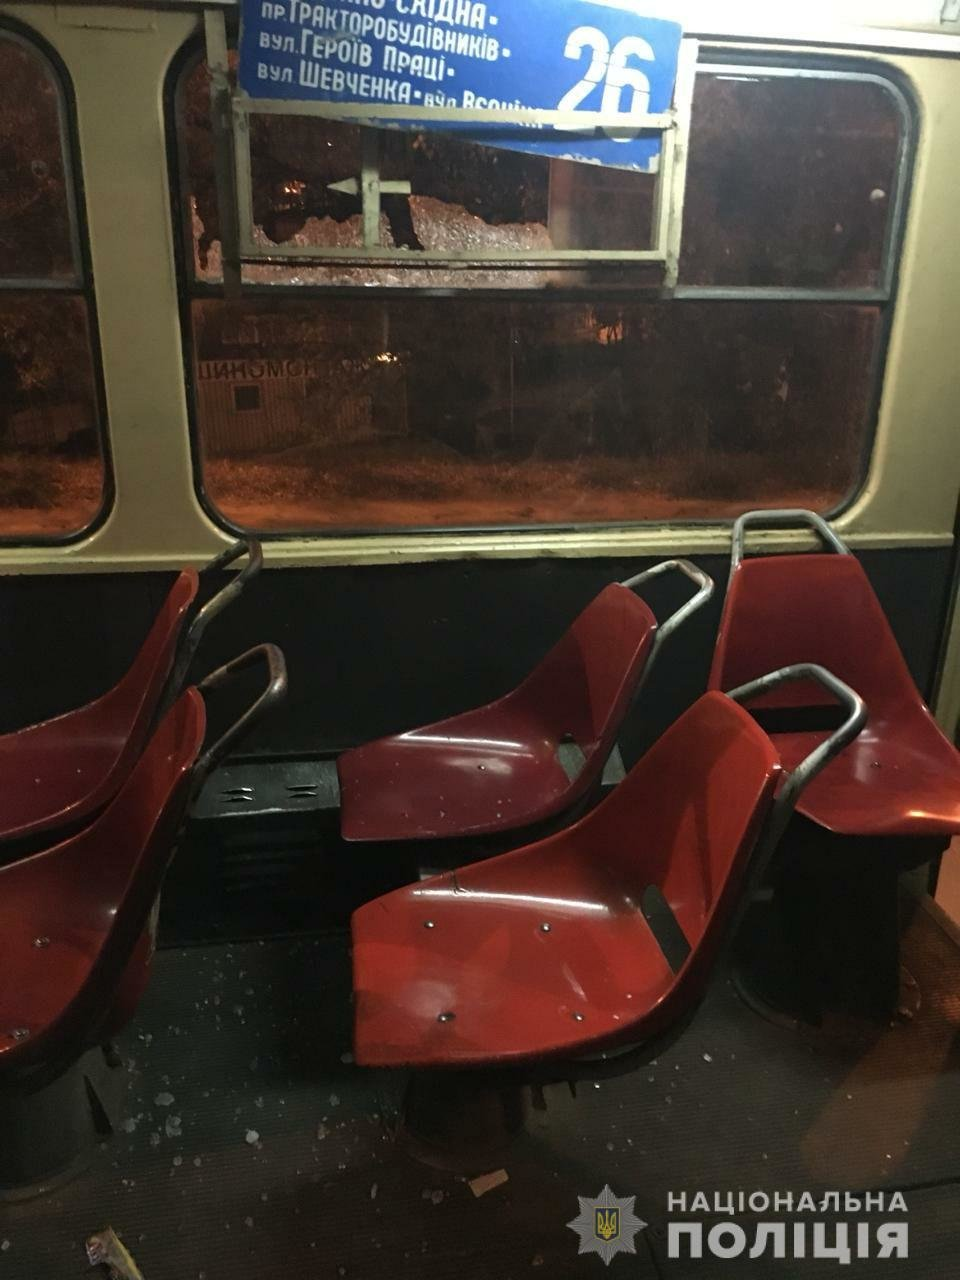 Харьковская полиция расследует обстрел трамвая на Салтовке, - ФОТО, фото-1